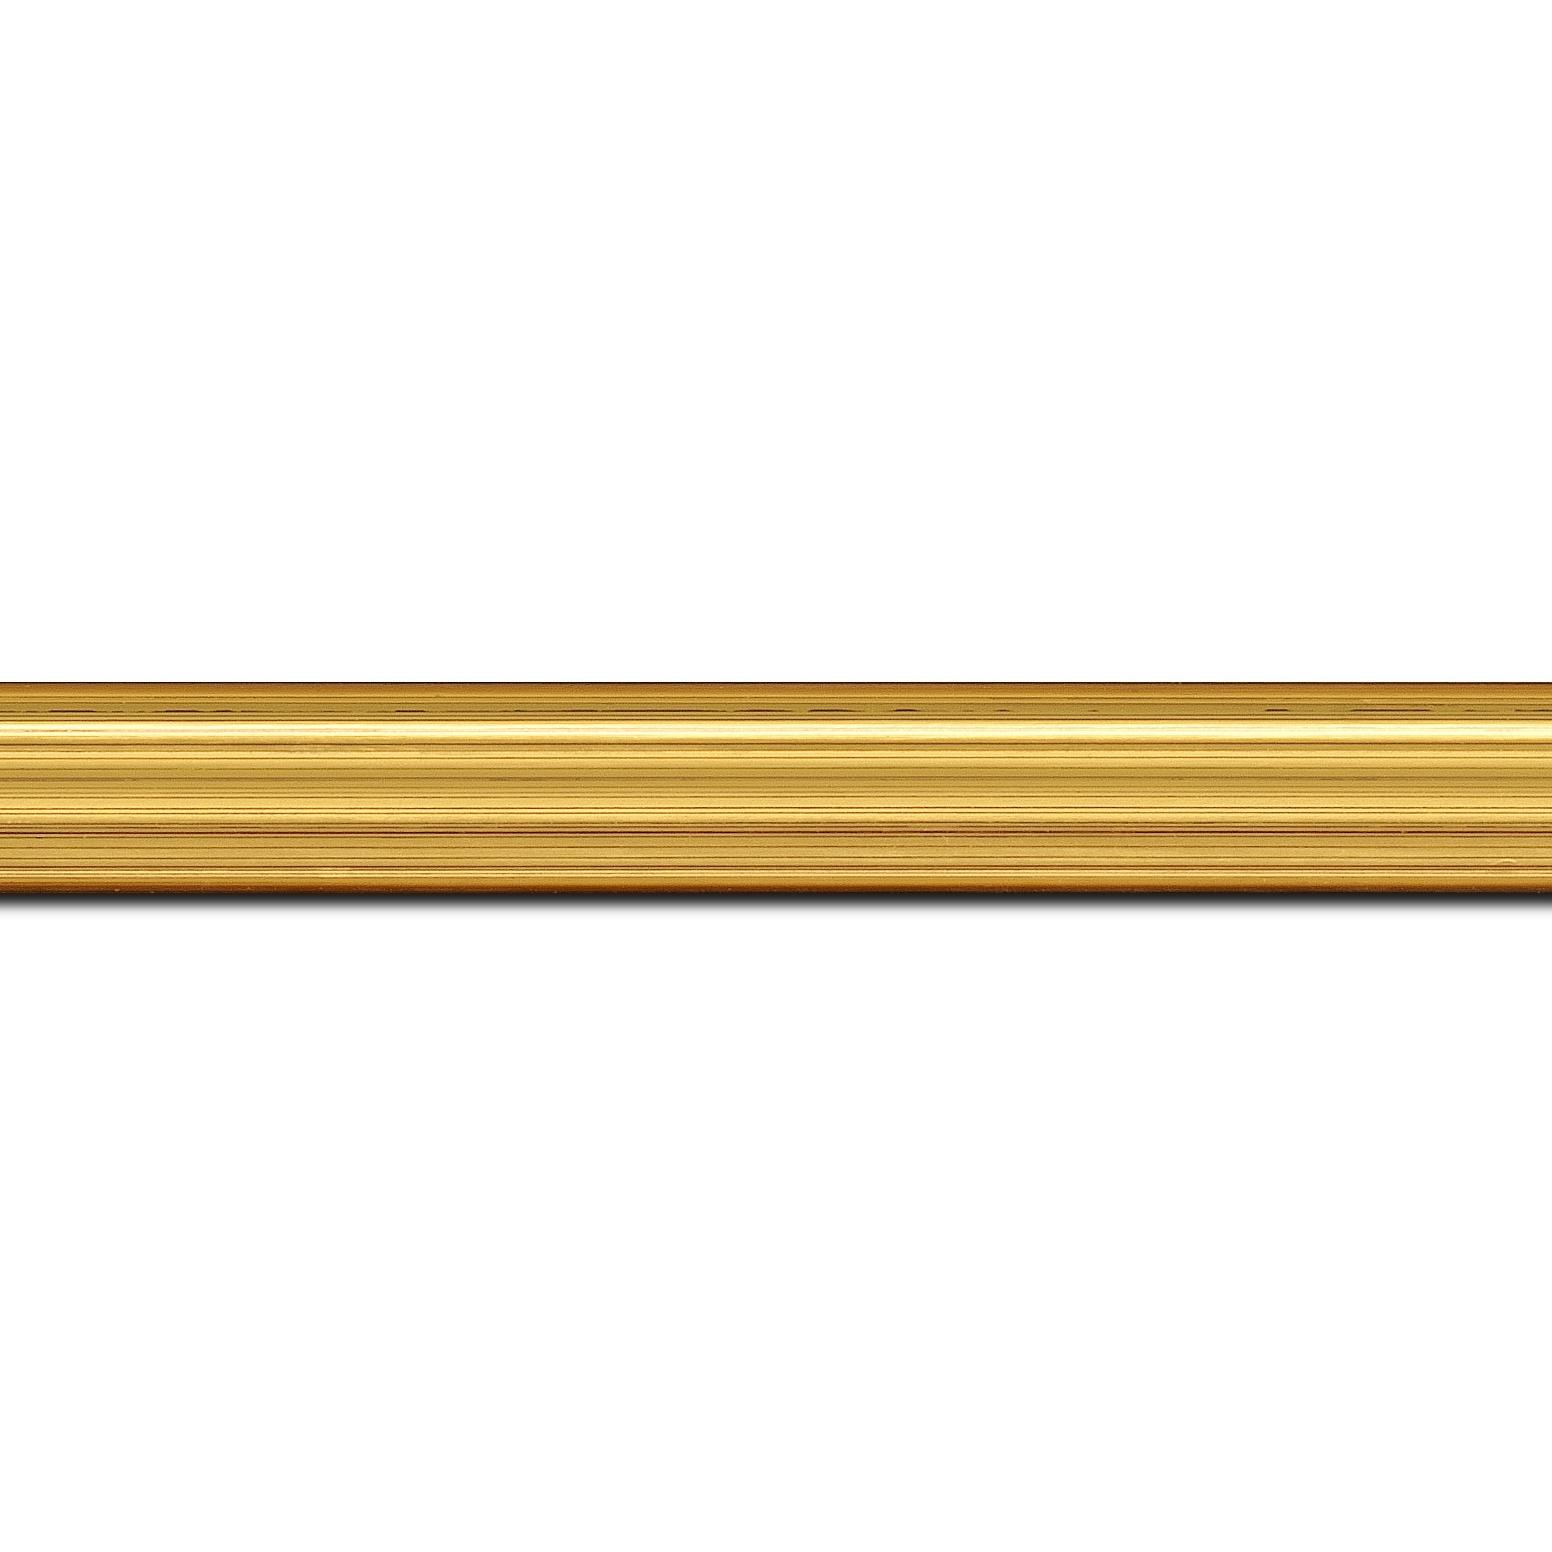 Baguette longueur 1.40m bois profil incuvé largeur 2.1cm or satiné